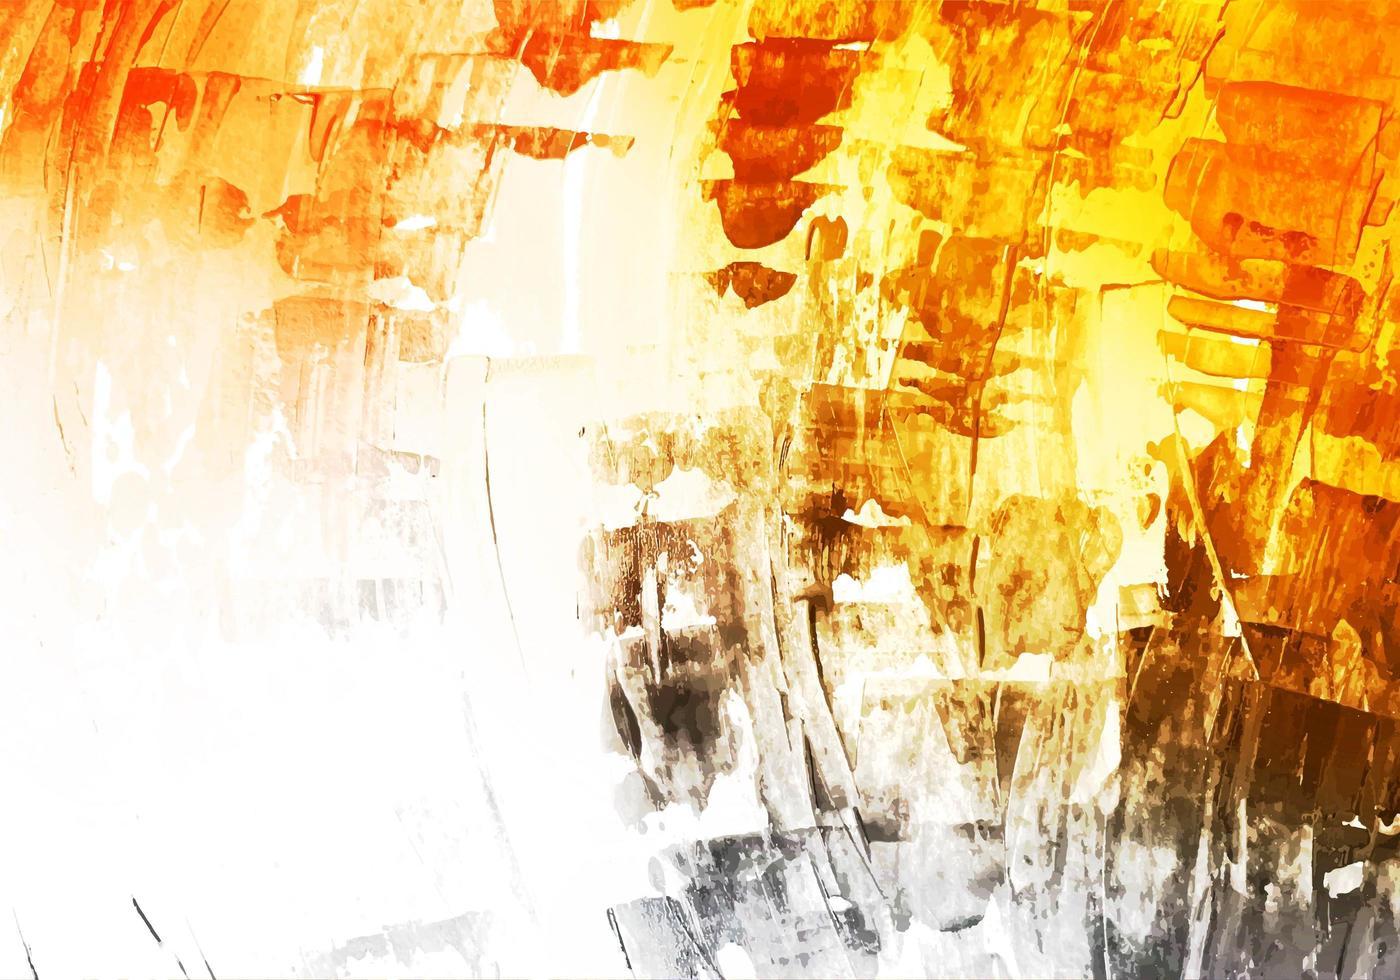 conception de texture aquarelle colorée abstraite vecteur